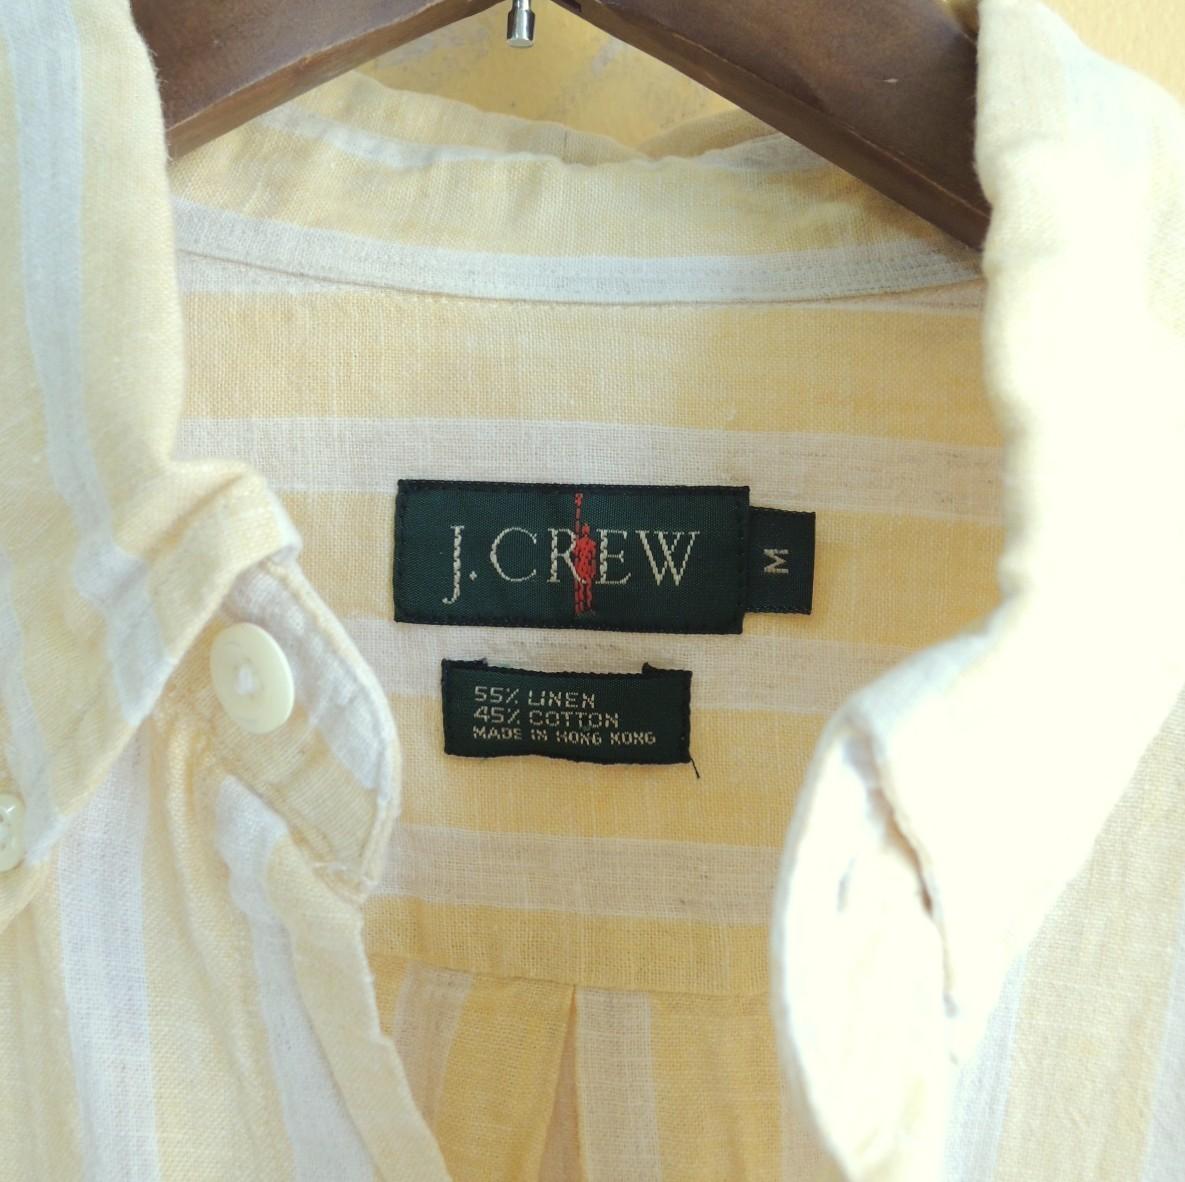 jcrewlinenshirts03.JPG